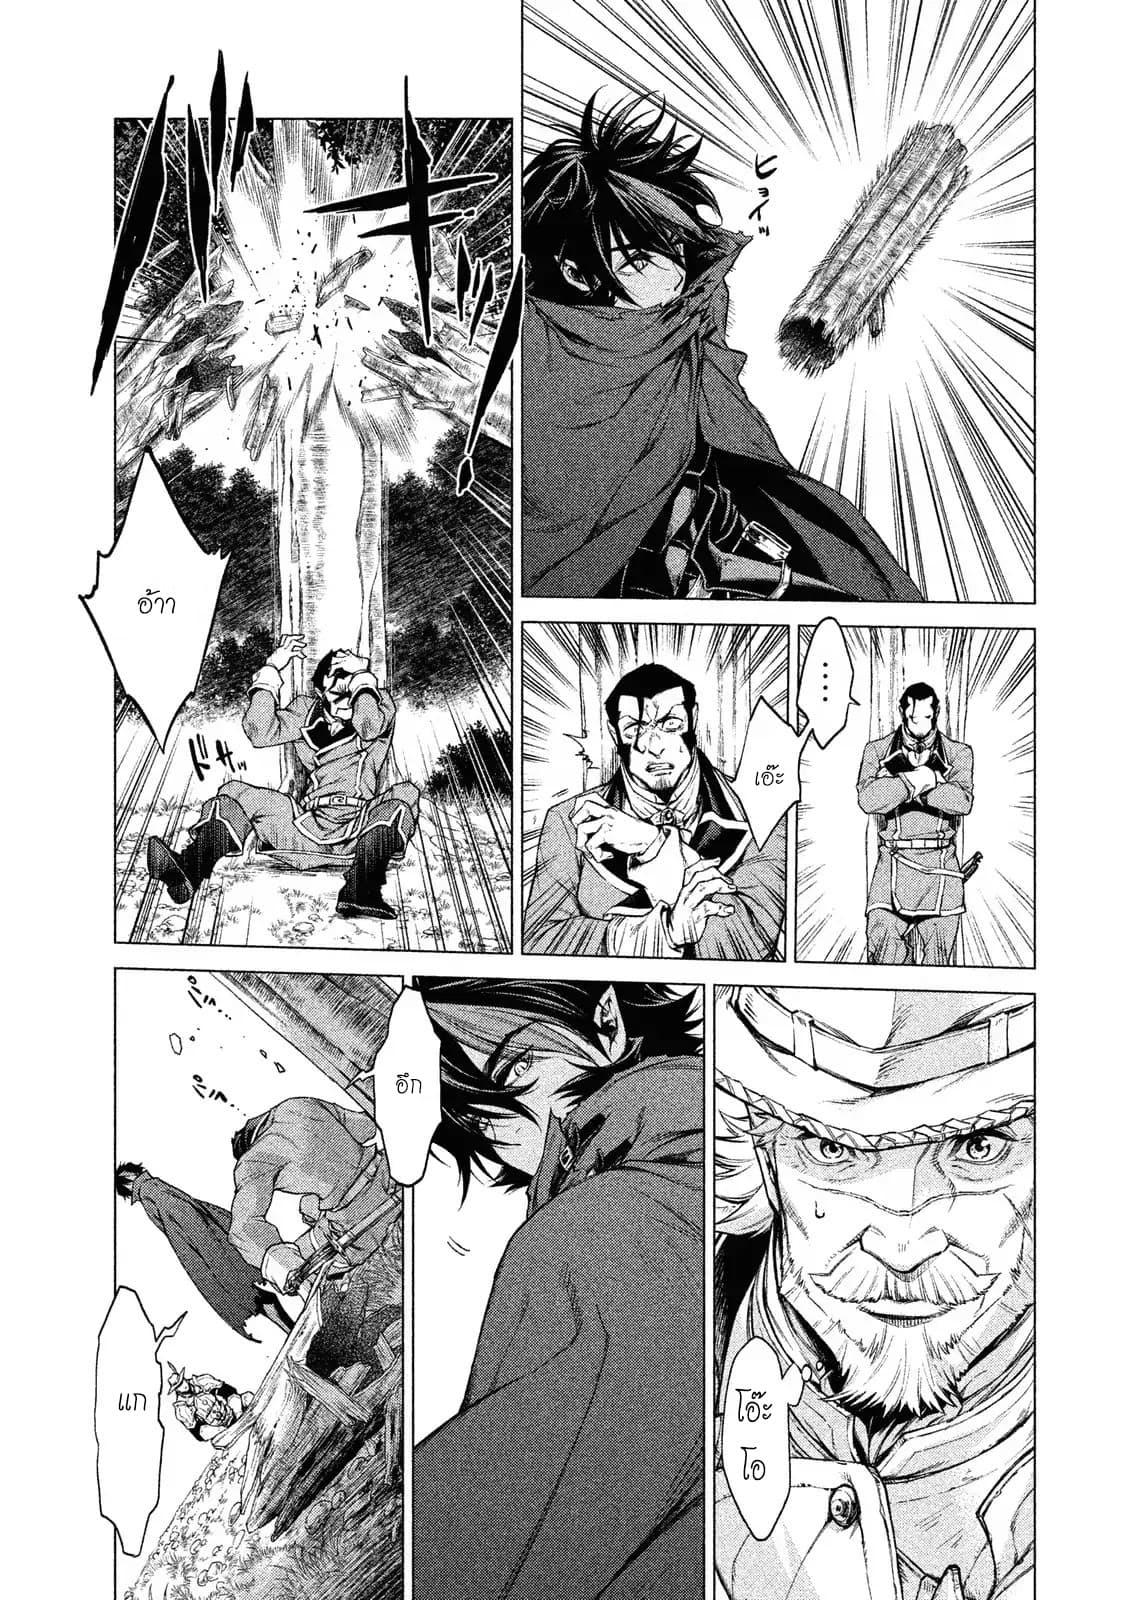 อ่านการ์ตูน Henkyou no Roukishi - Bard Loen ตอนที่ 3 หน้าที่ 15